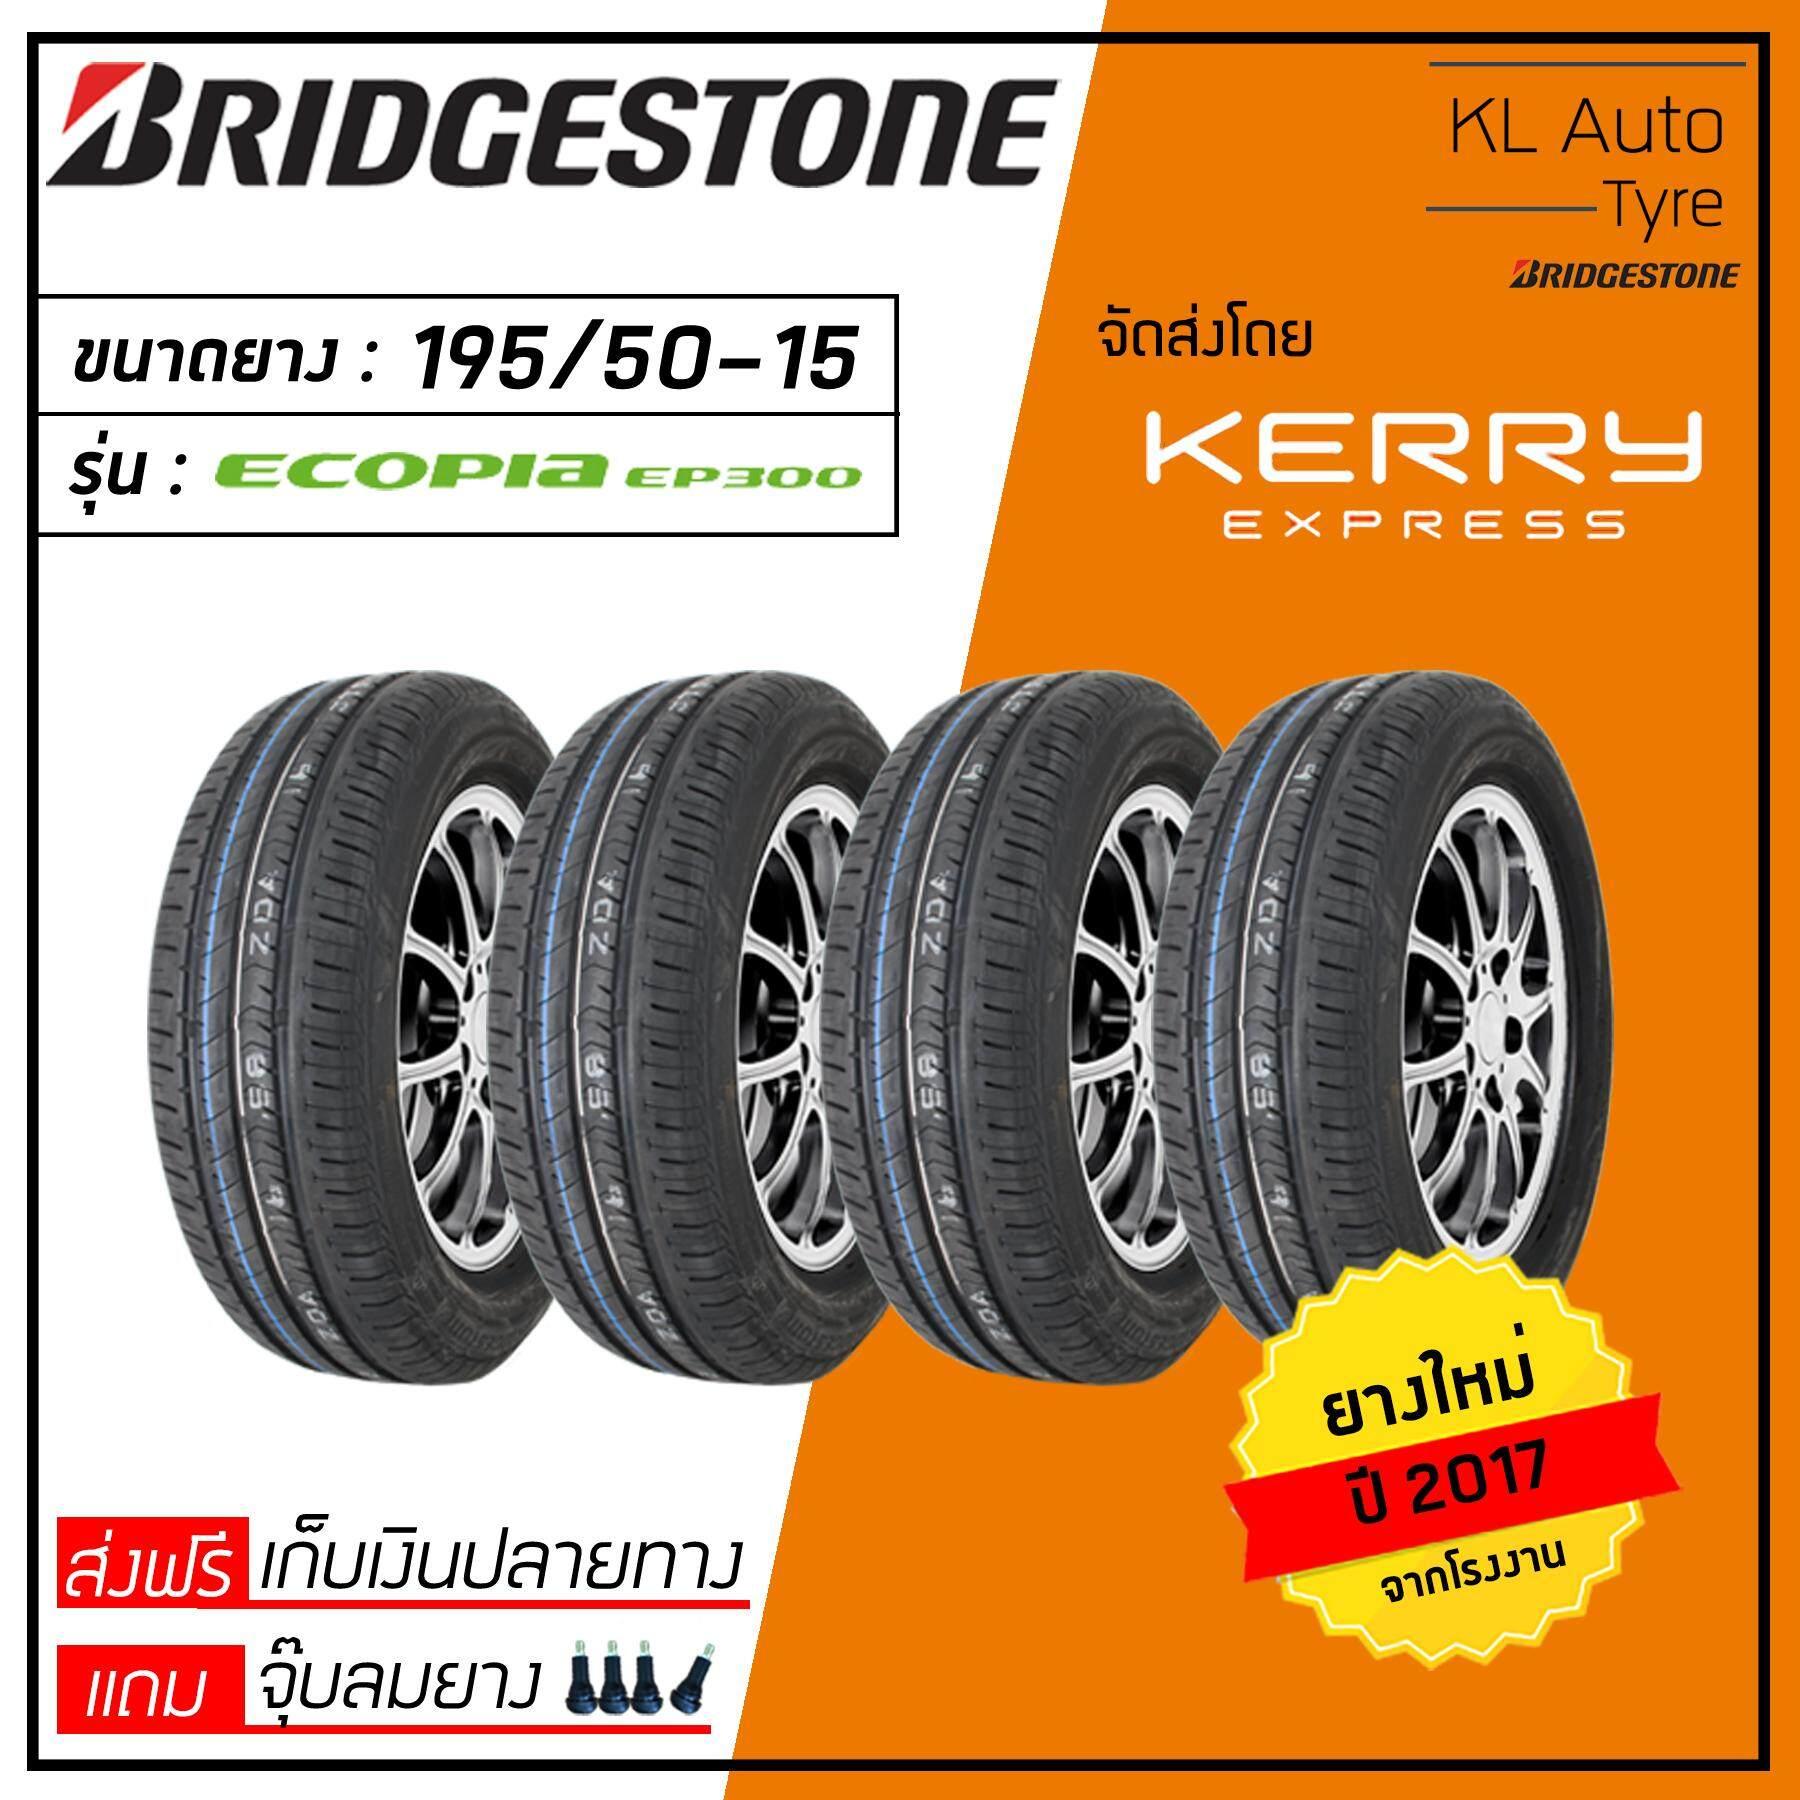 ชัยภูมิ Bridgestone 195/50-15 EP300 4 เส้น ปี 17 (ฟรี จุ๊บยาง 4 ตัว มูลค่า 200 บาท)